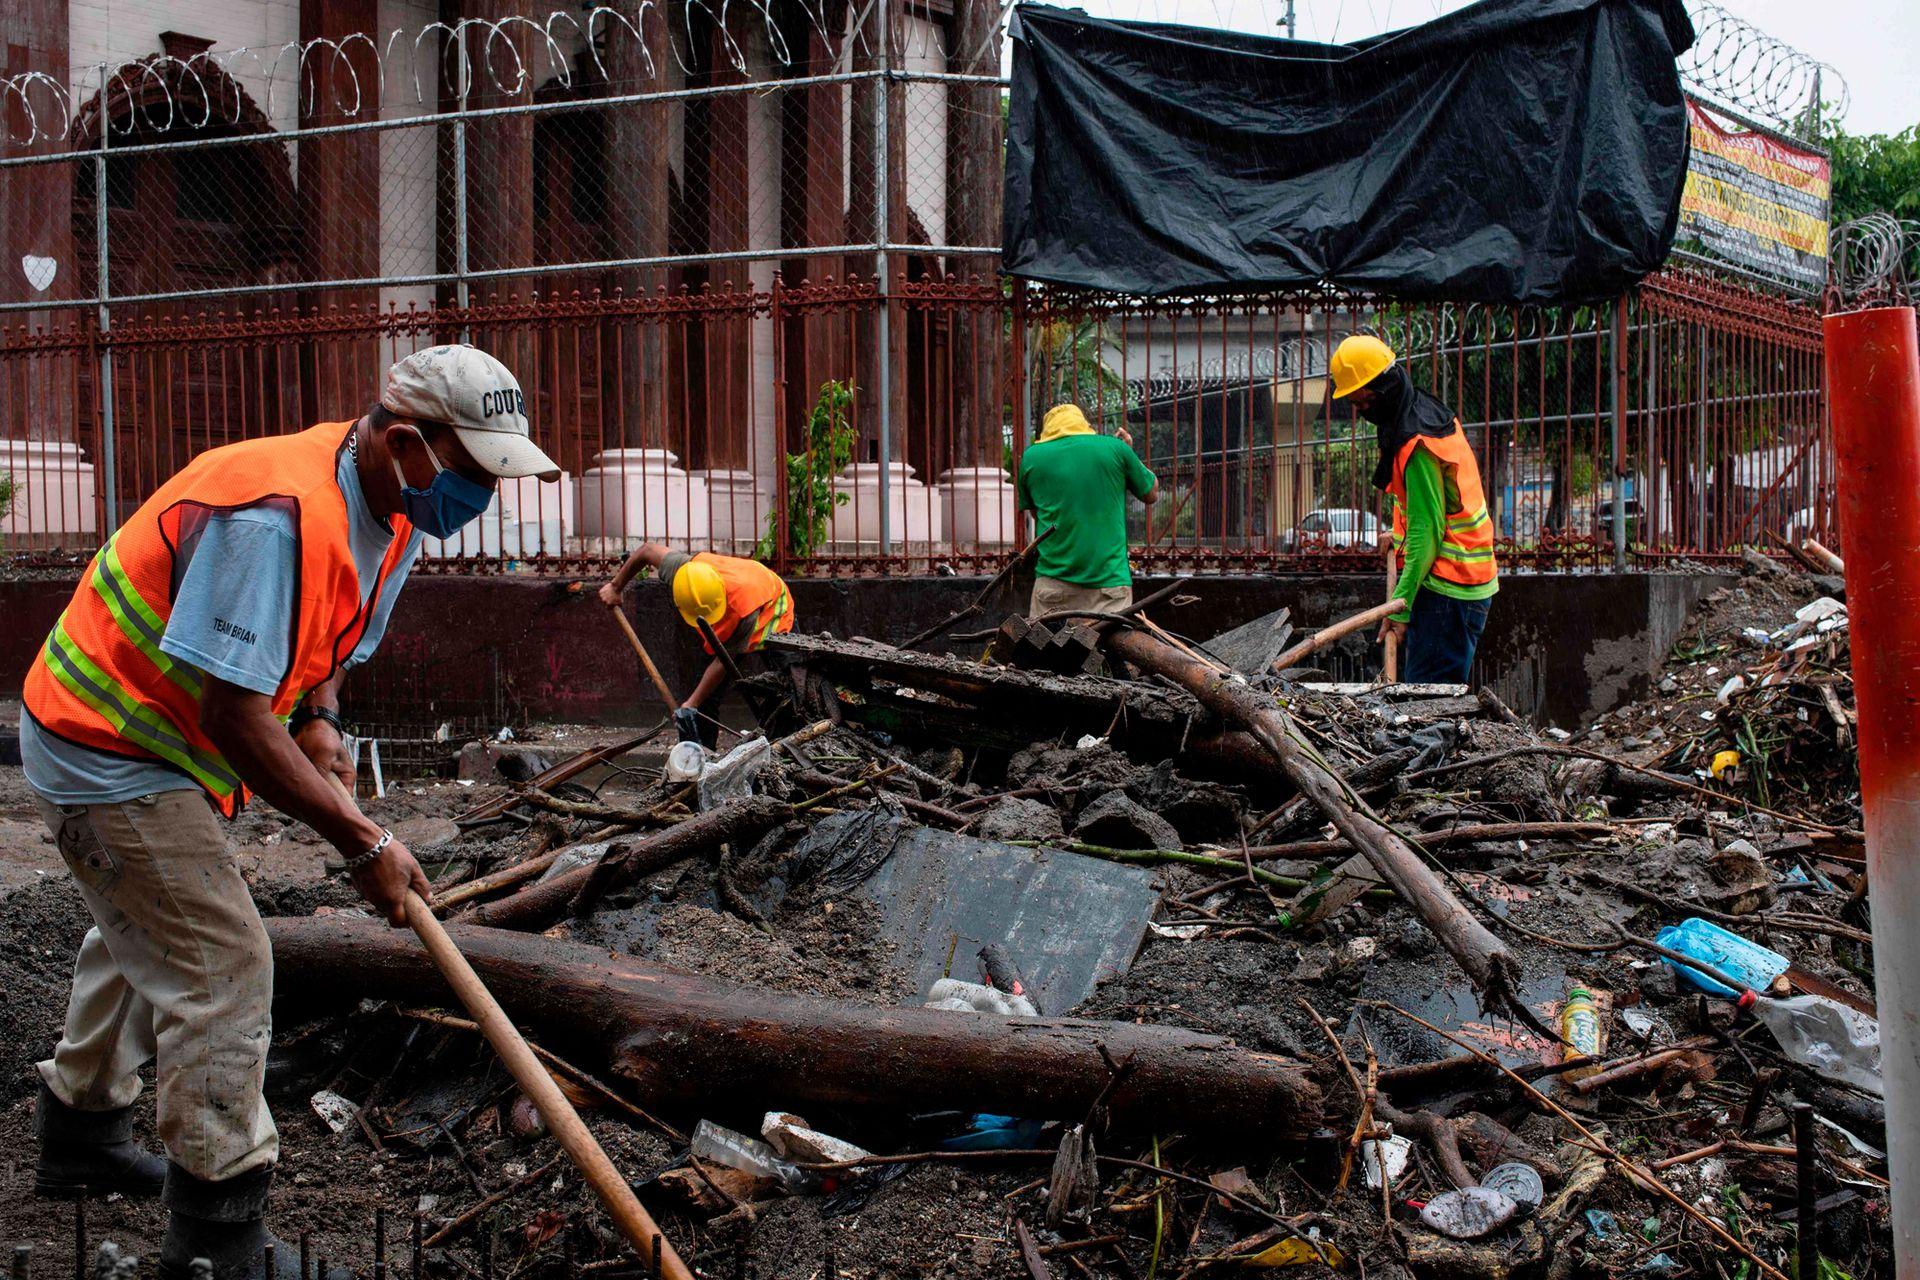 Más de 50 viviendas fueron arrastradas el domingo por una fuerte corriente después de que se desbordara un arroyo.